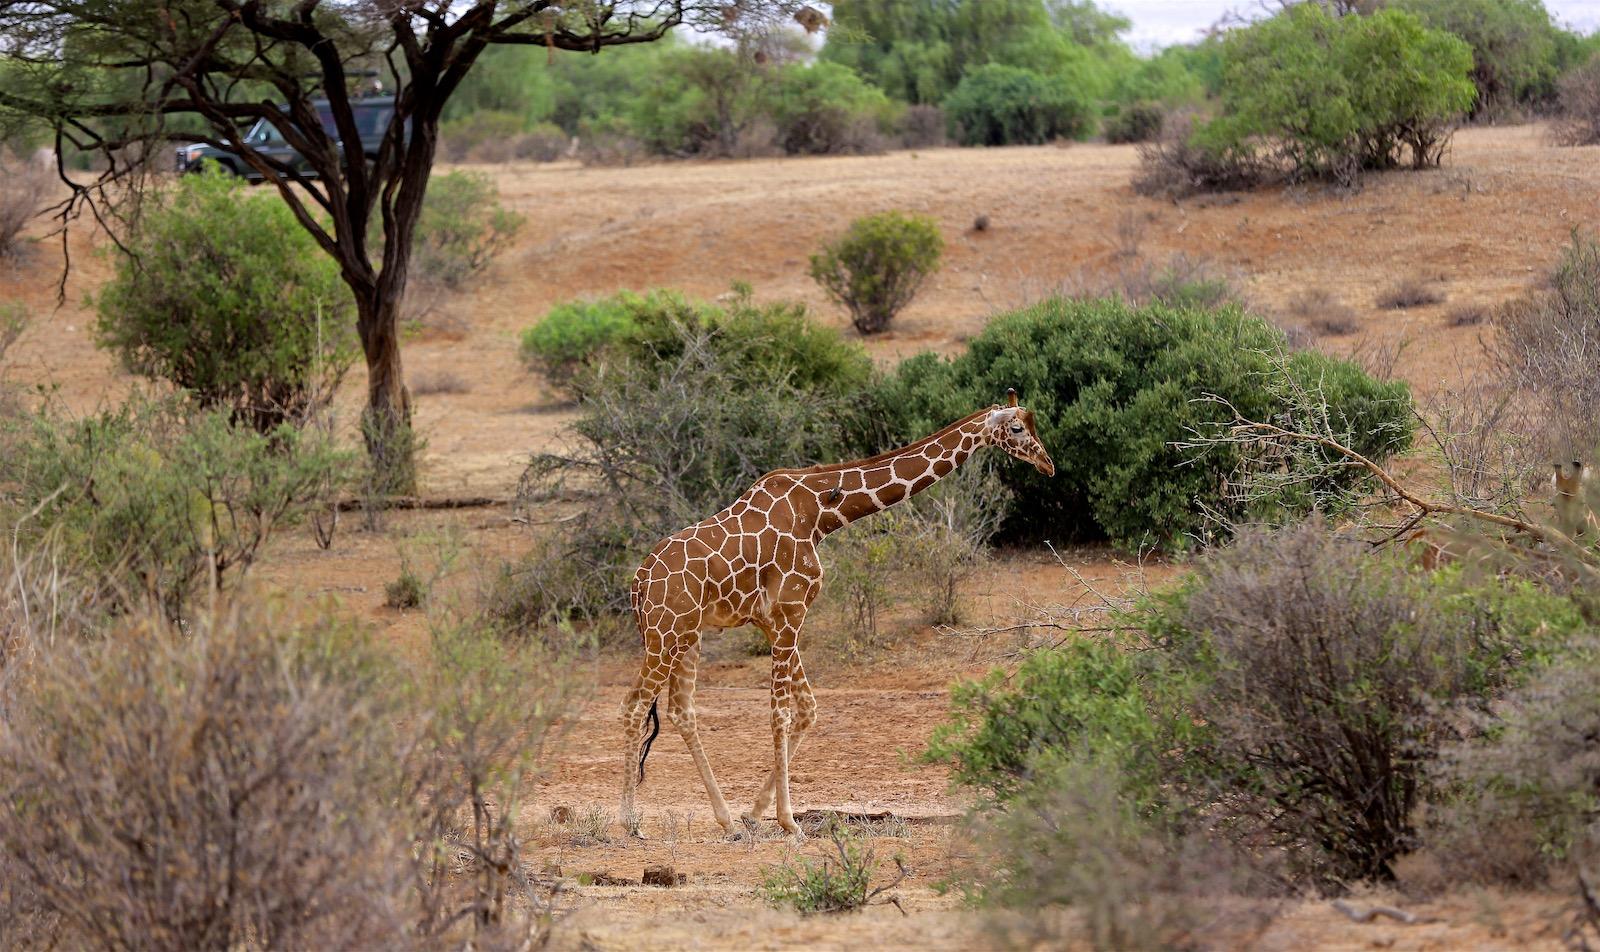 Giraf safari Kenya